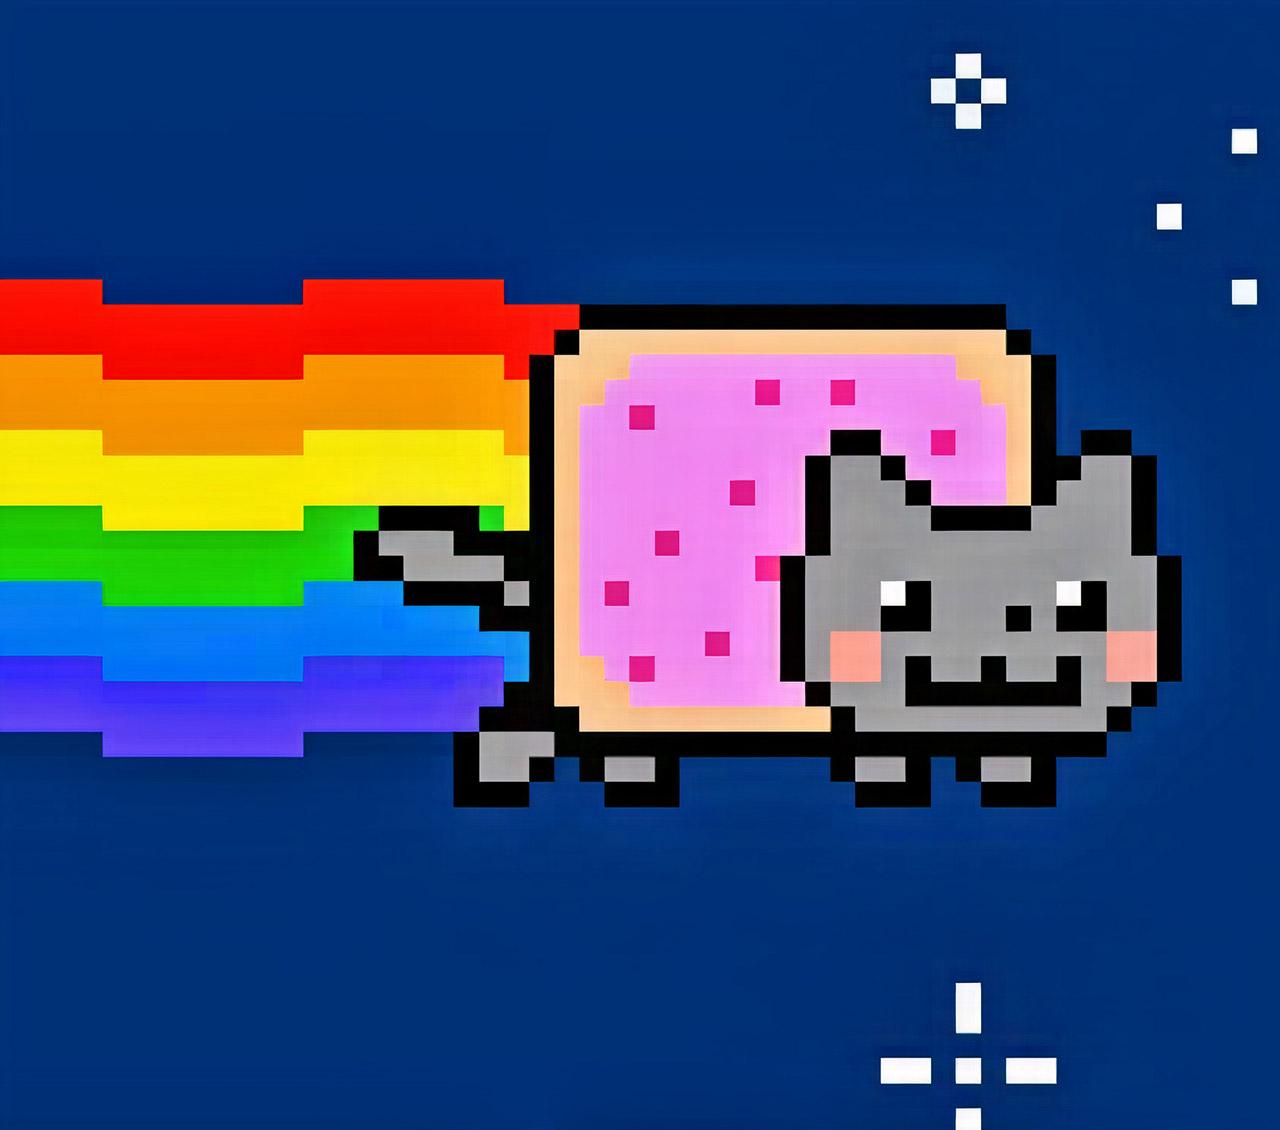 Nyan Cat NFT Auction